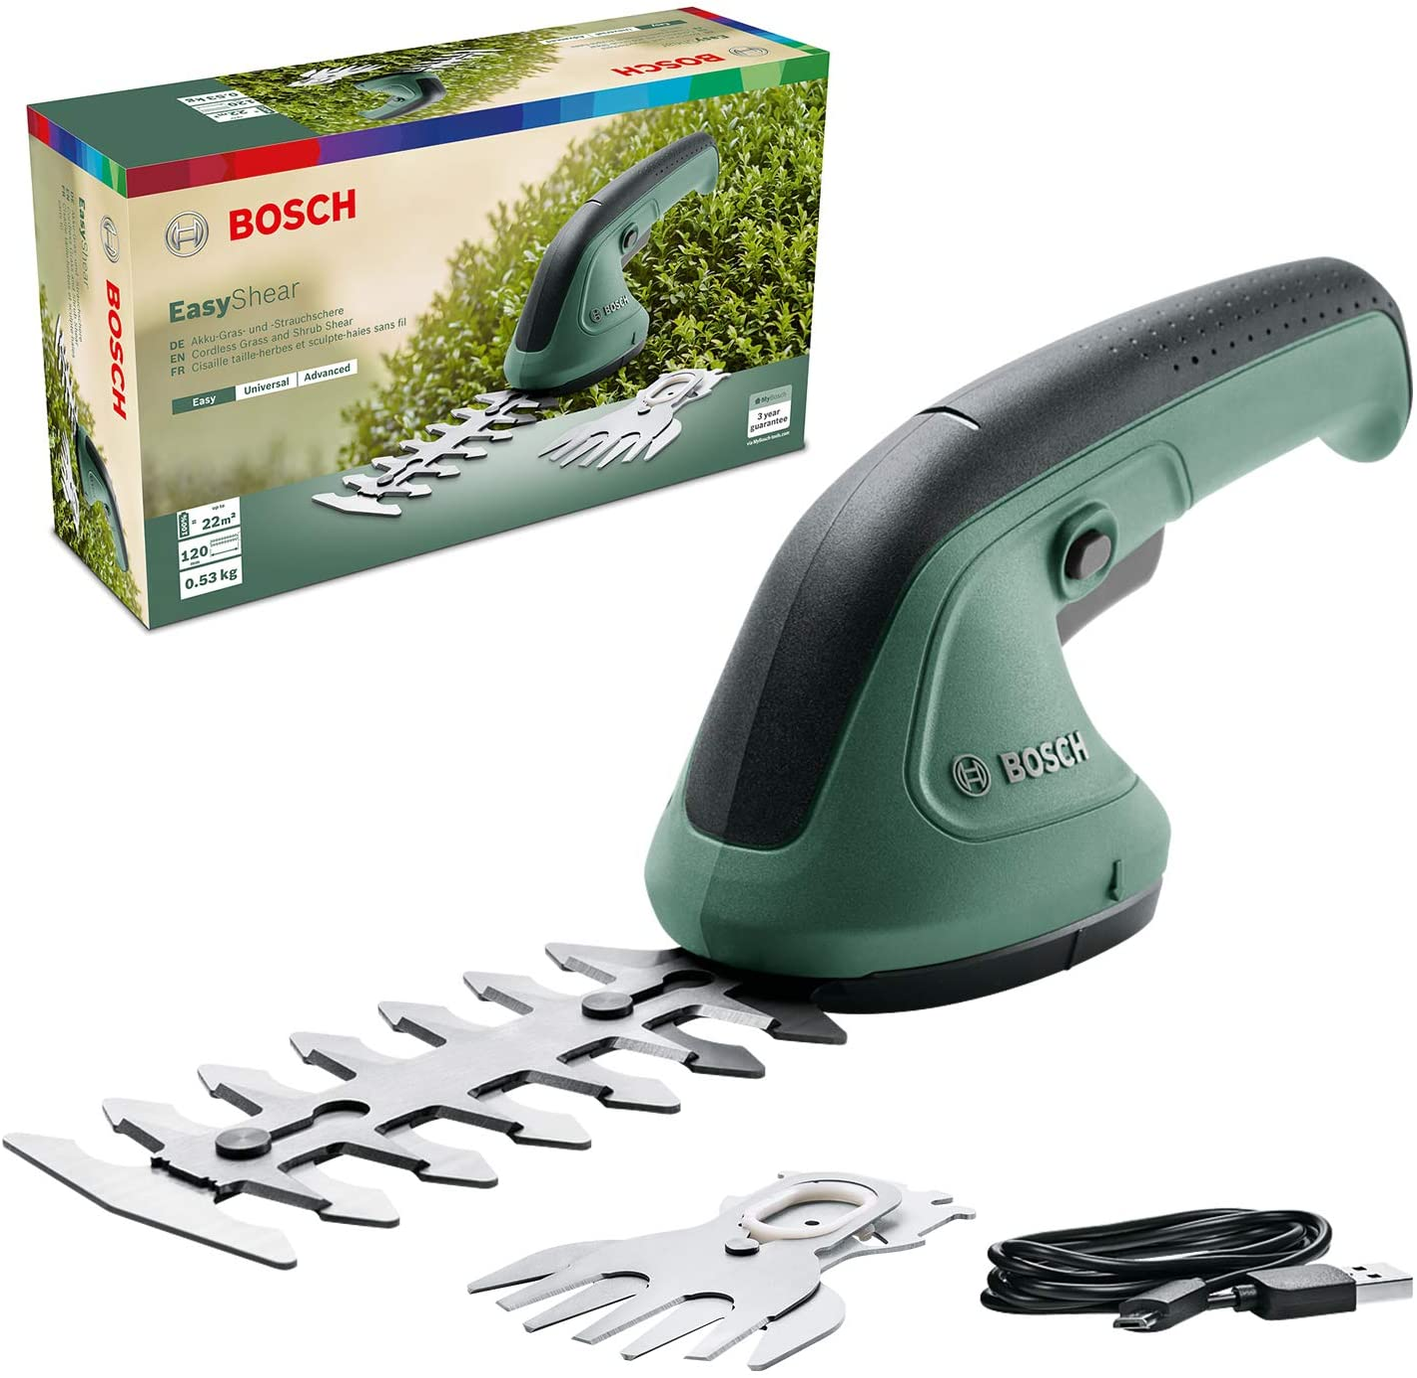 Bosch Home and Garden 0600833300 Tijeras de podar EasyShear de Bosch integrada de 3,6 V, duración de la batería: 40 min, Longitud de la Cuchilla: 12 cm (arbusto) / 8 cm (Gras), en Caja de cartón